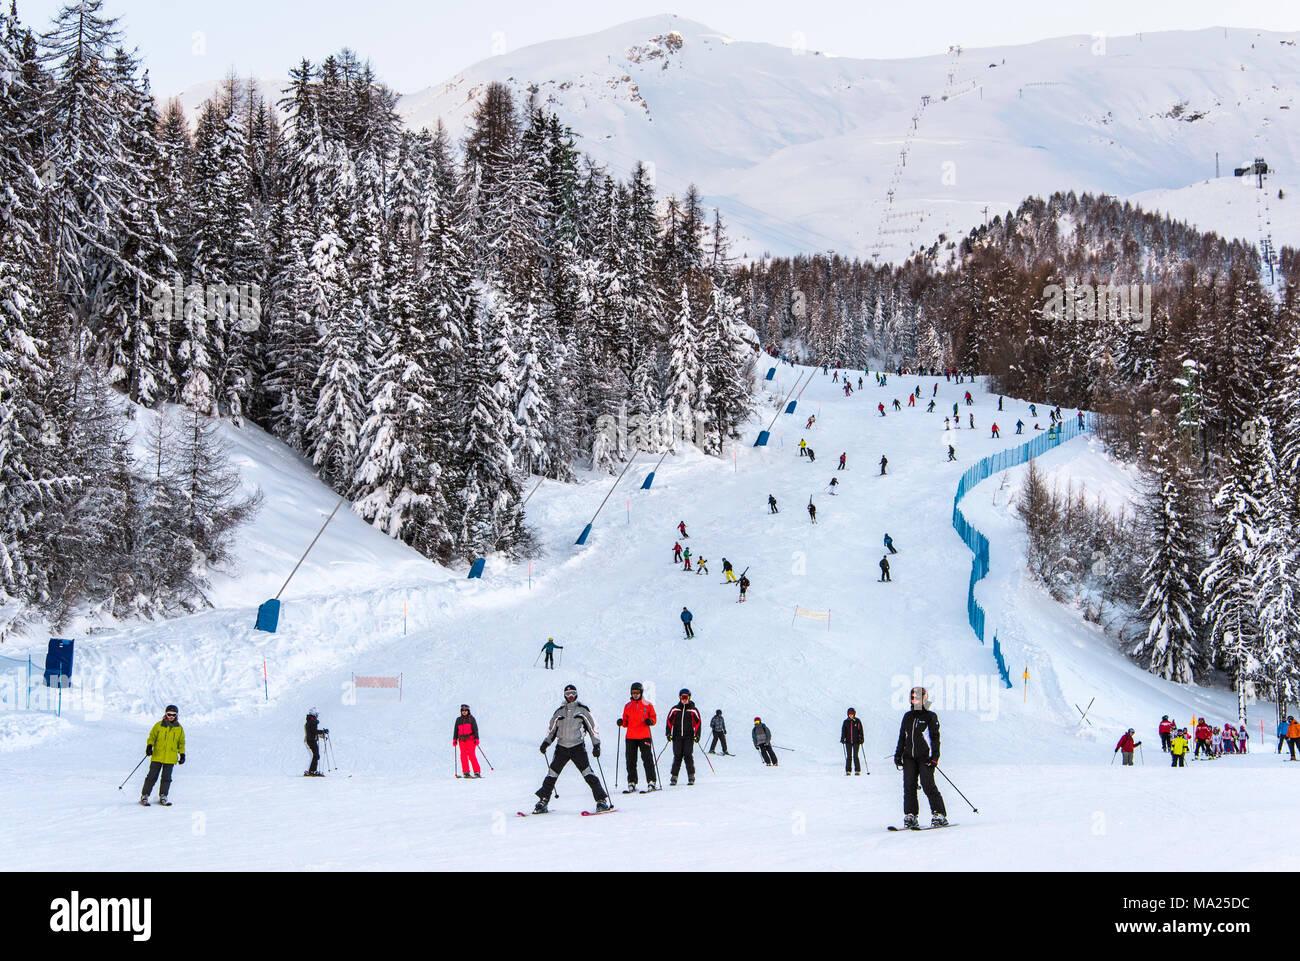 Un tracciato di sci nel resort sciistico di Pila, Valle d'Aosta, Italia Immagini Stock